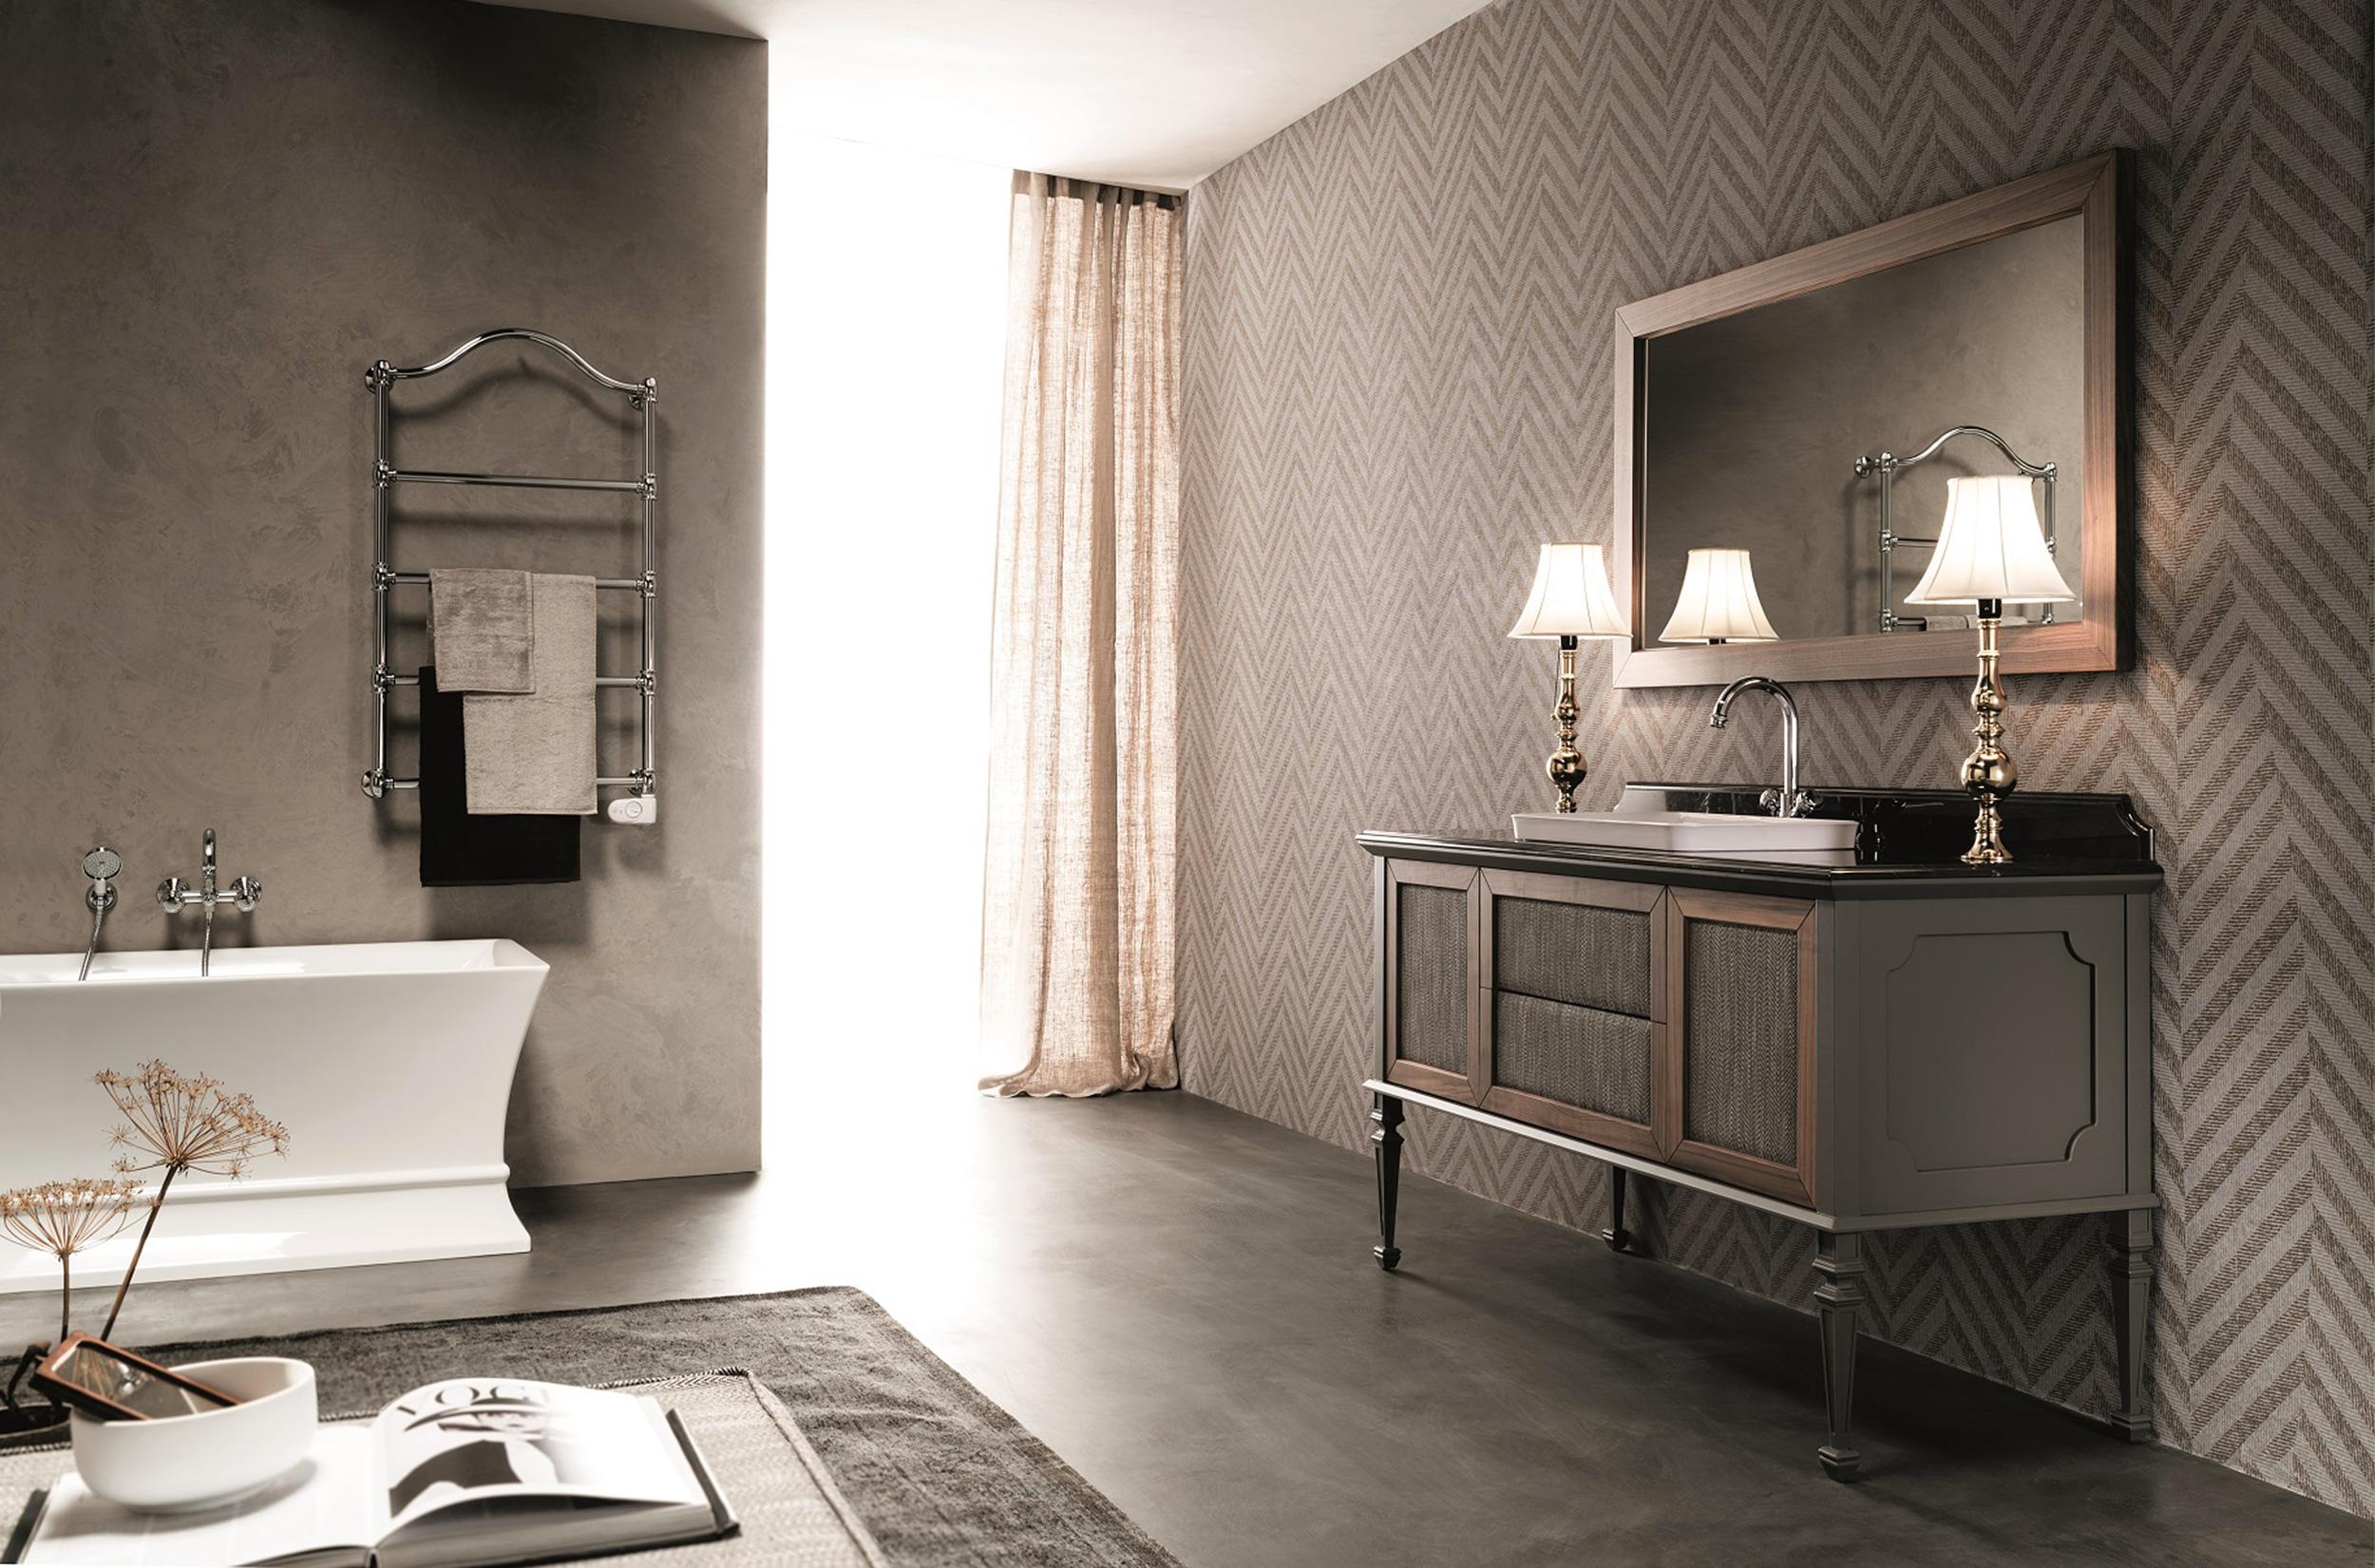 Mobili da bagno Taranto - Ceramiche, arredo bagno, docce ...